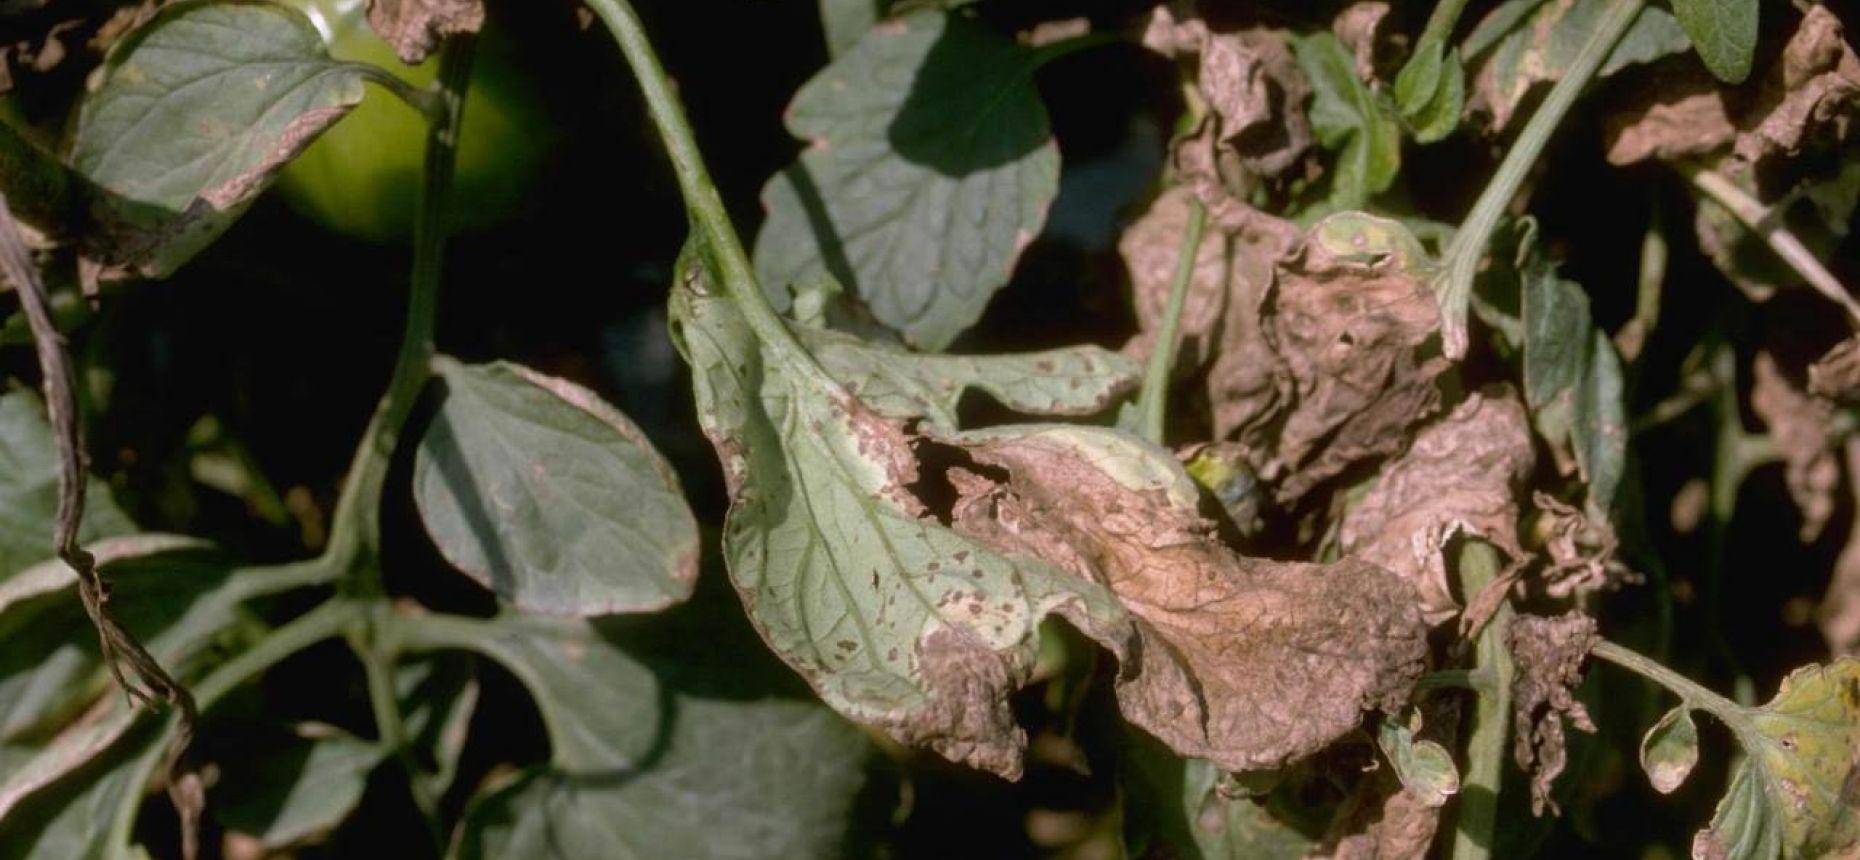 Черная бактериальная пятнистость томата - Xanthomonas campestris pv. vesicatoria (Doide) Dy (=Xanthomonas vesicatoria Xv.)